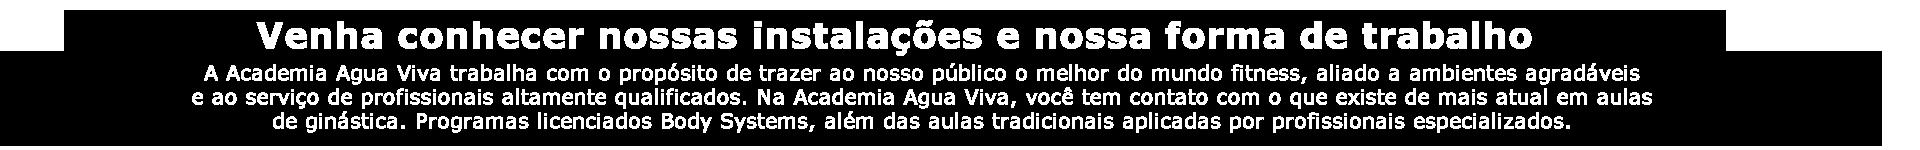 banner1a